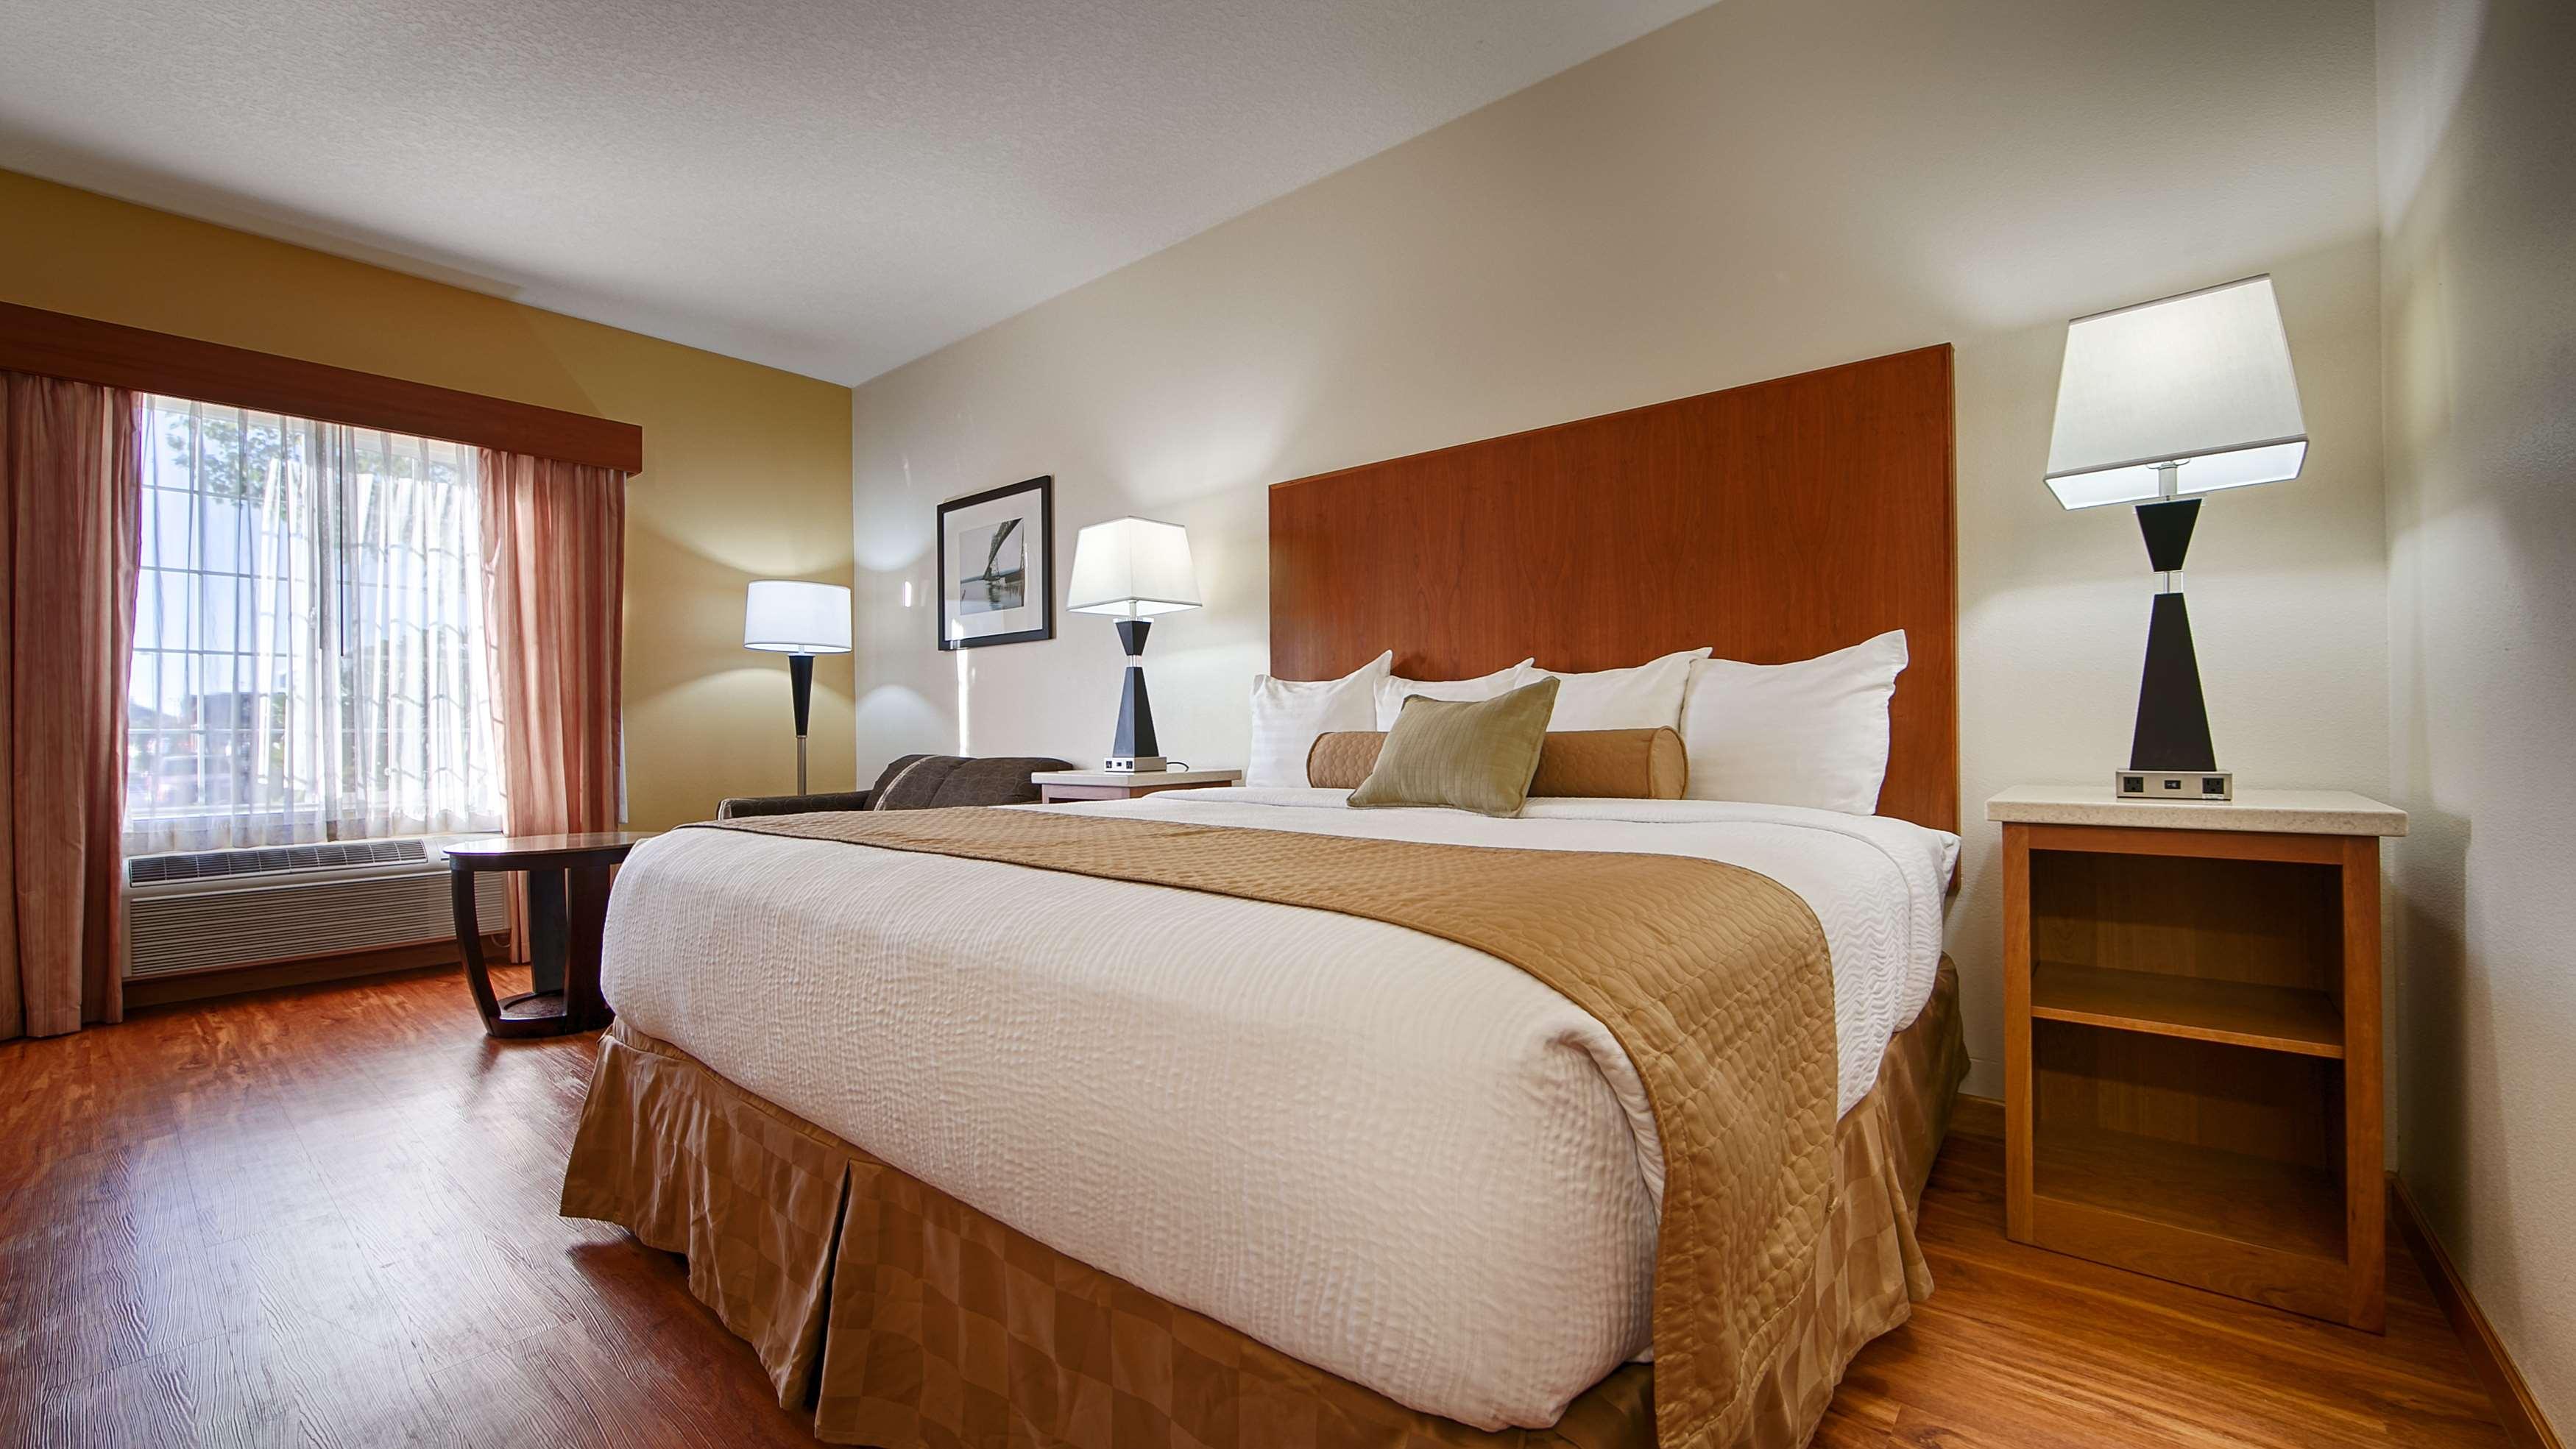 Best Western Plus Park Place Inn & Suites image 9